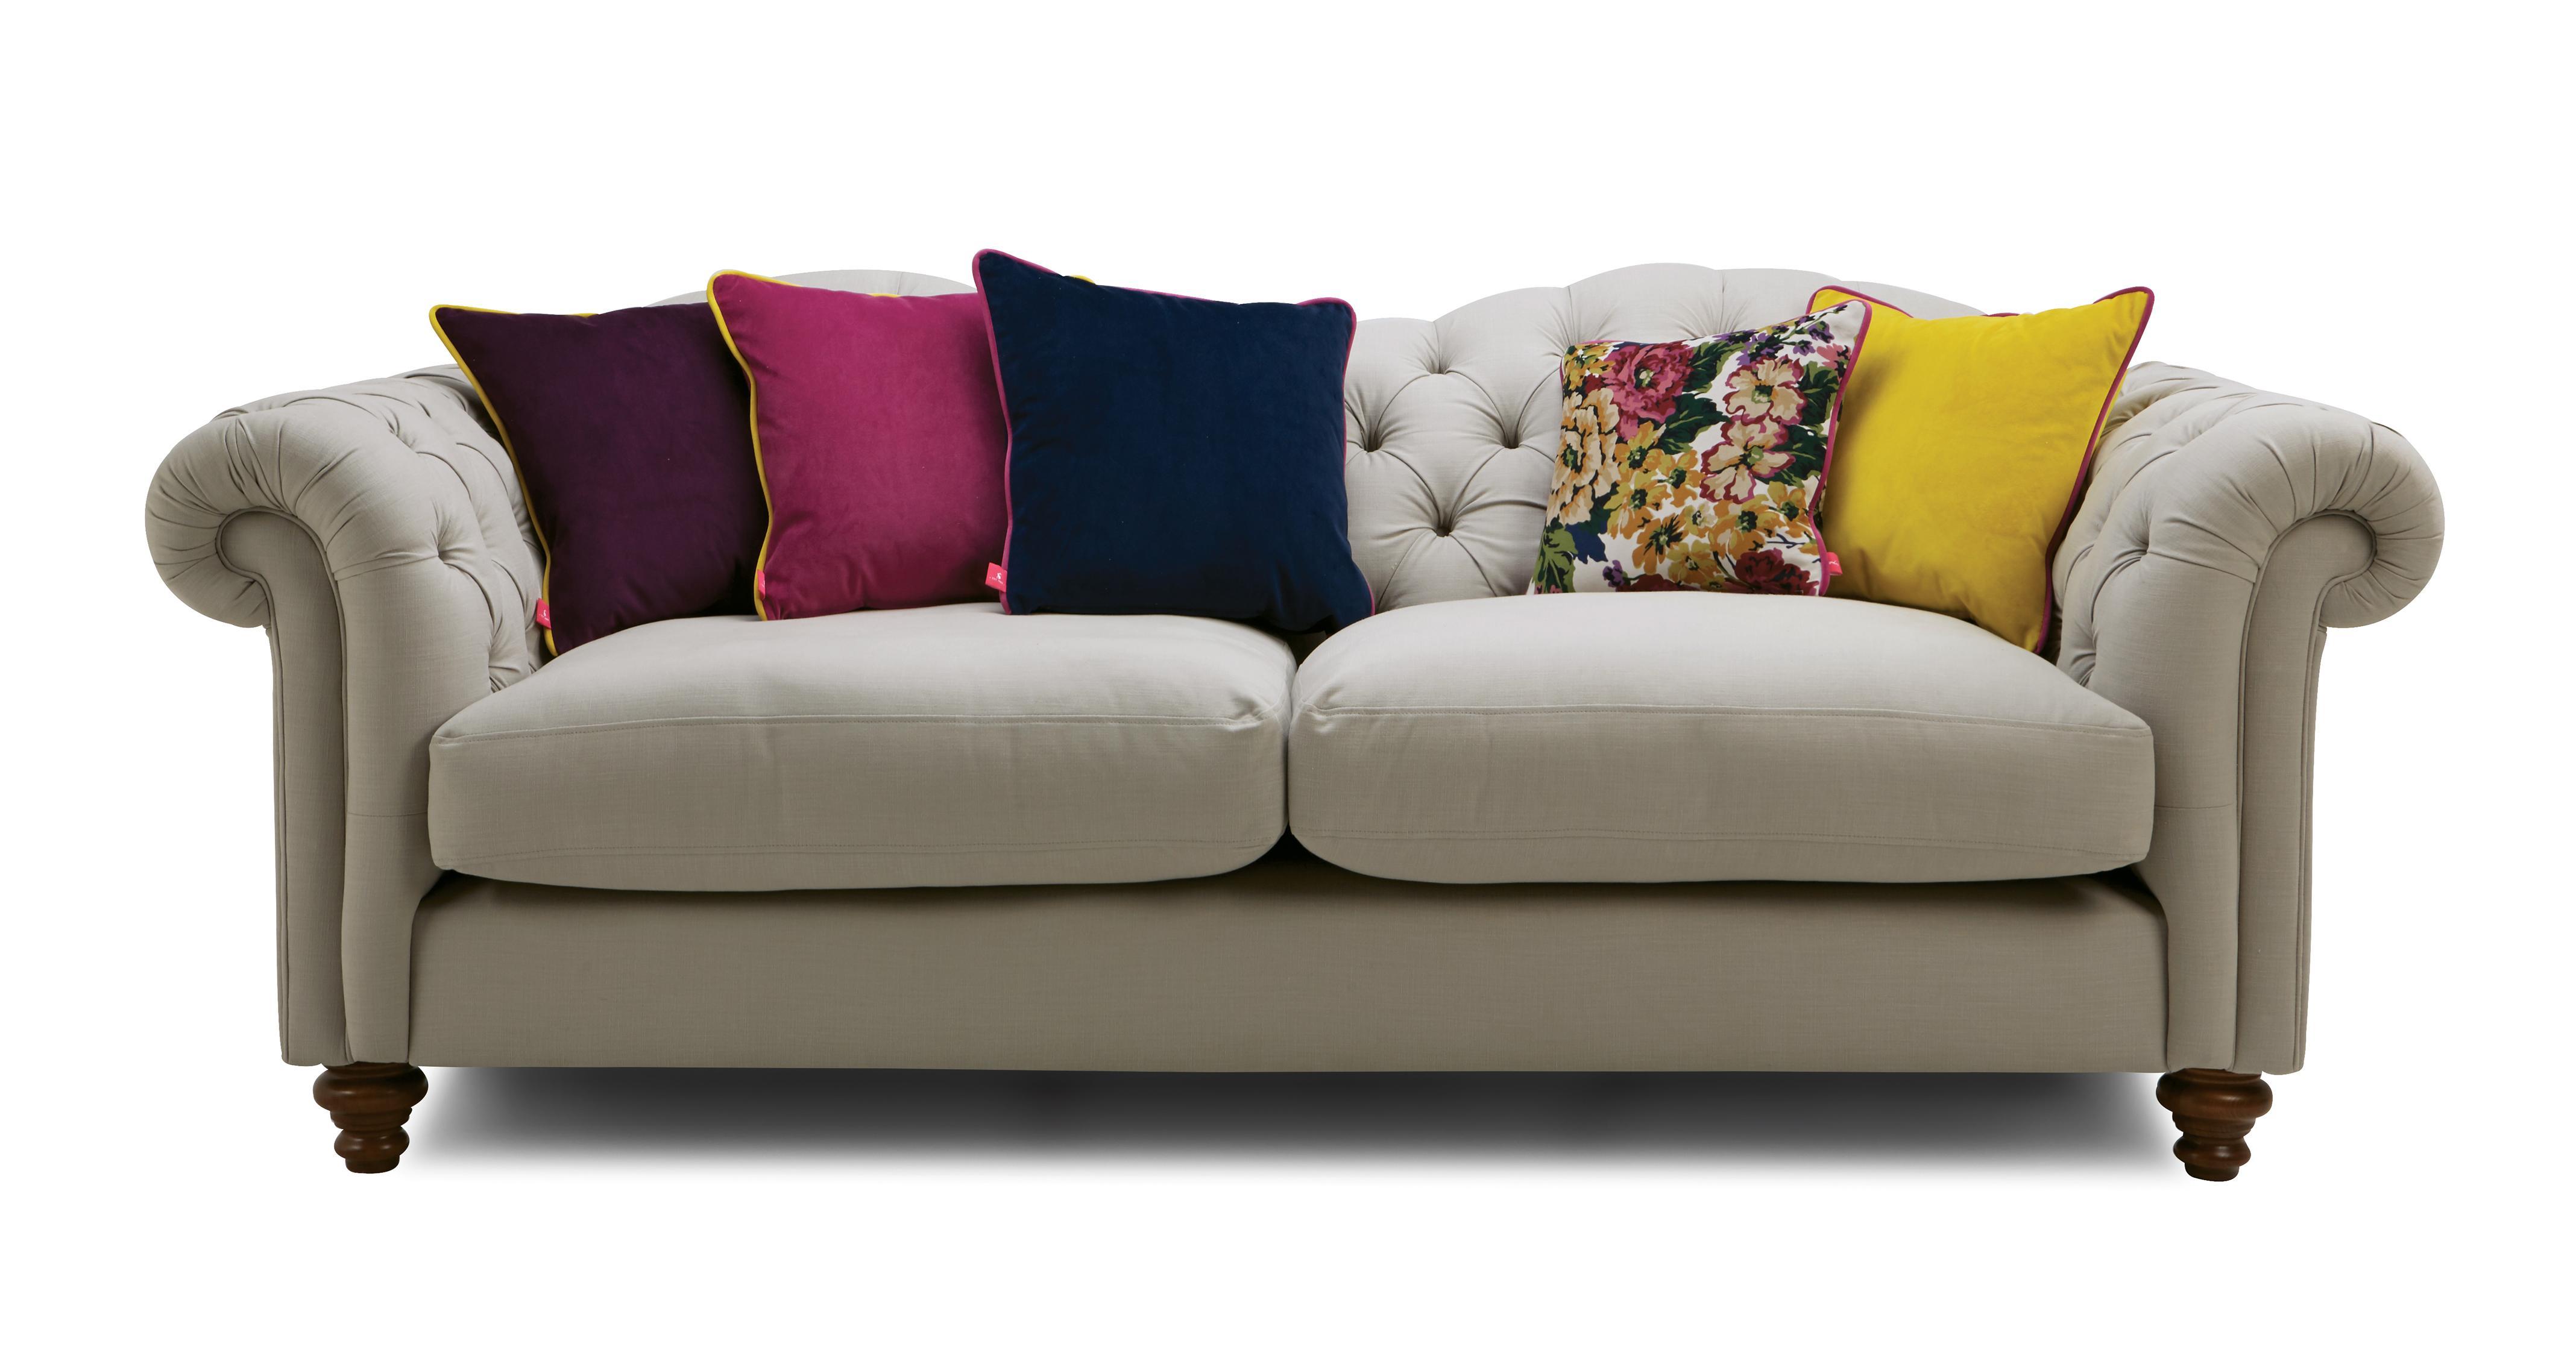 windsor cotton 4 seater sofa windsor cotton dfs. Black Bedroom Furniture Sets. Home Design Ideas